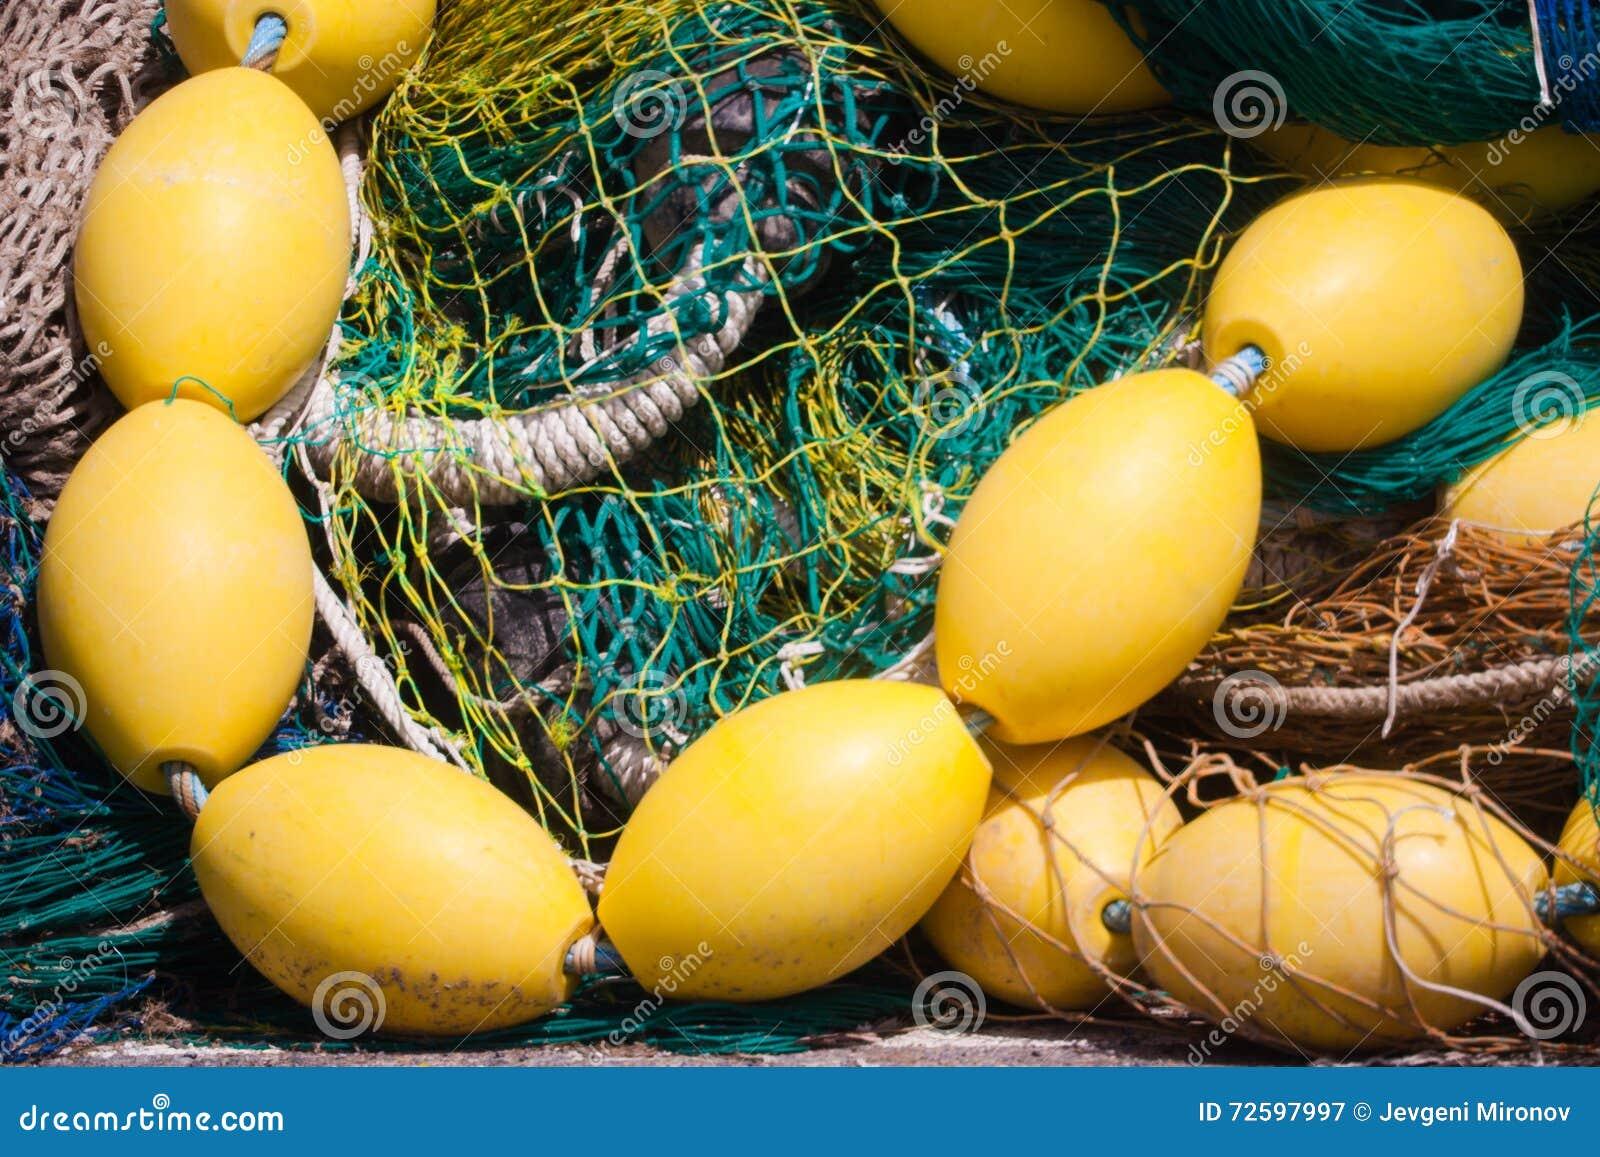 Rete da pesca con i galleggianti immagine stock immagine for Rete da pesca arredamento